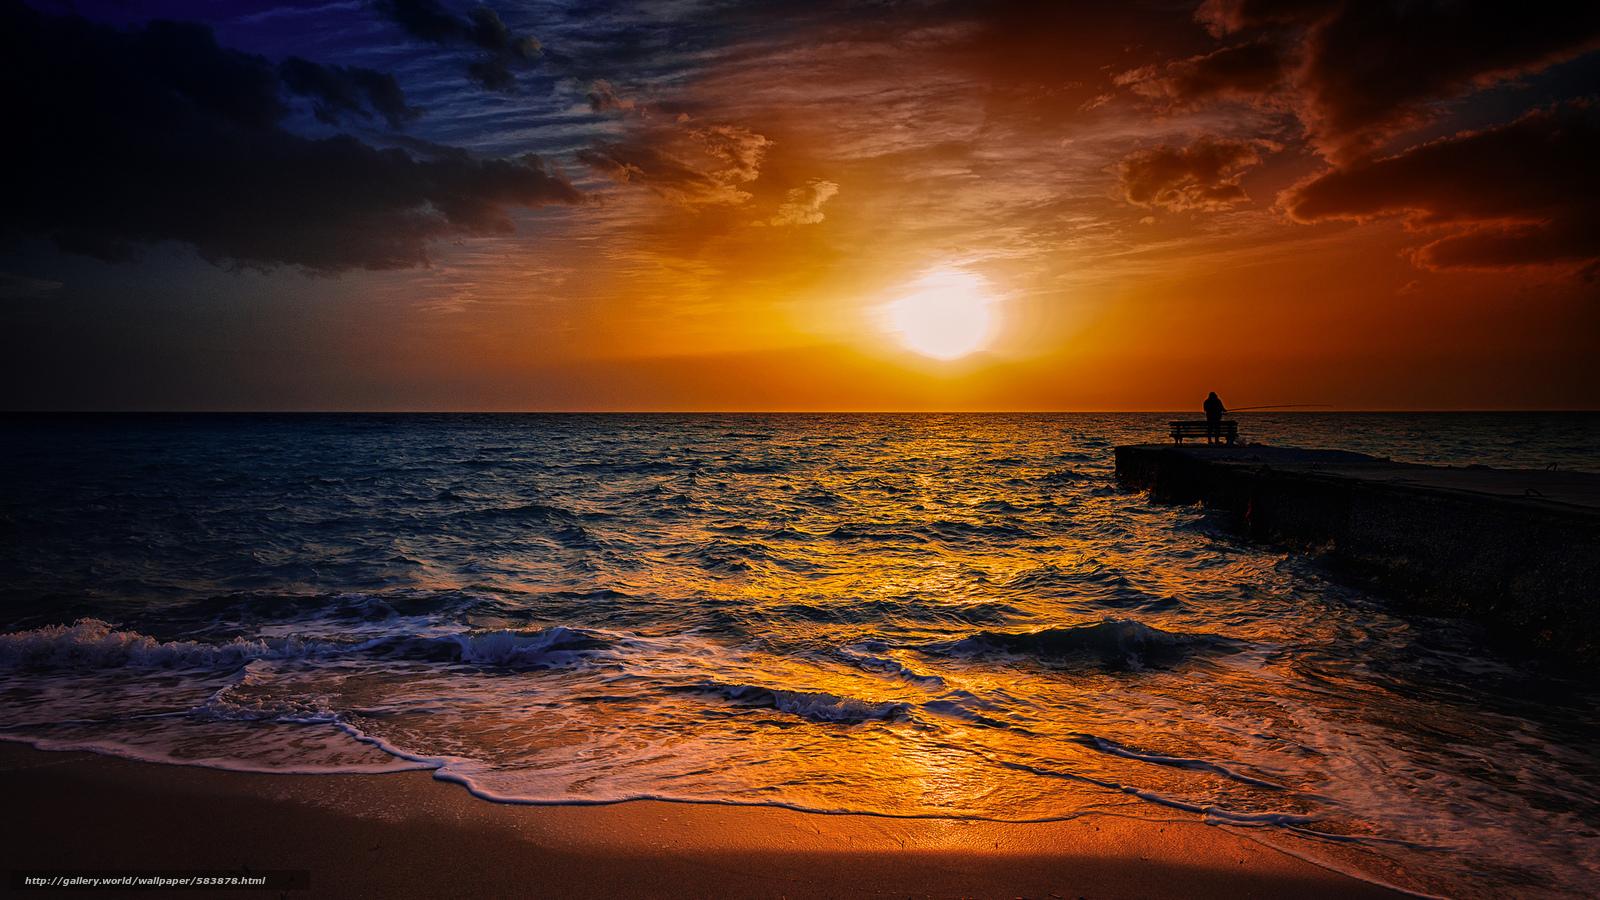 下载壁纸 皮亚士, 太阳, 海, 渔 免费为您的桌面分辨率的壁纸 2048x1